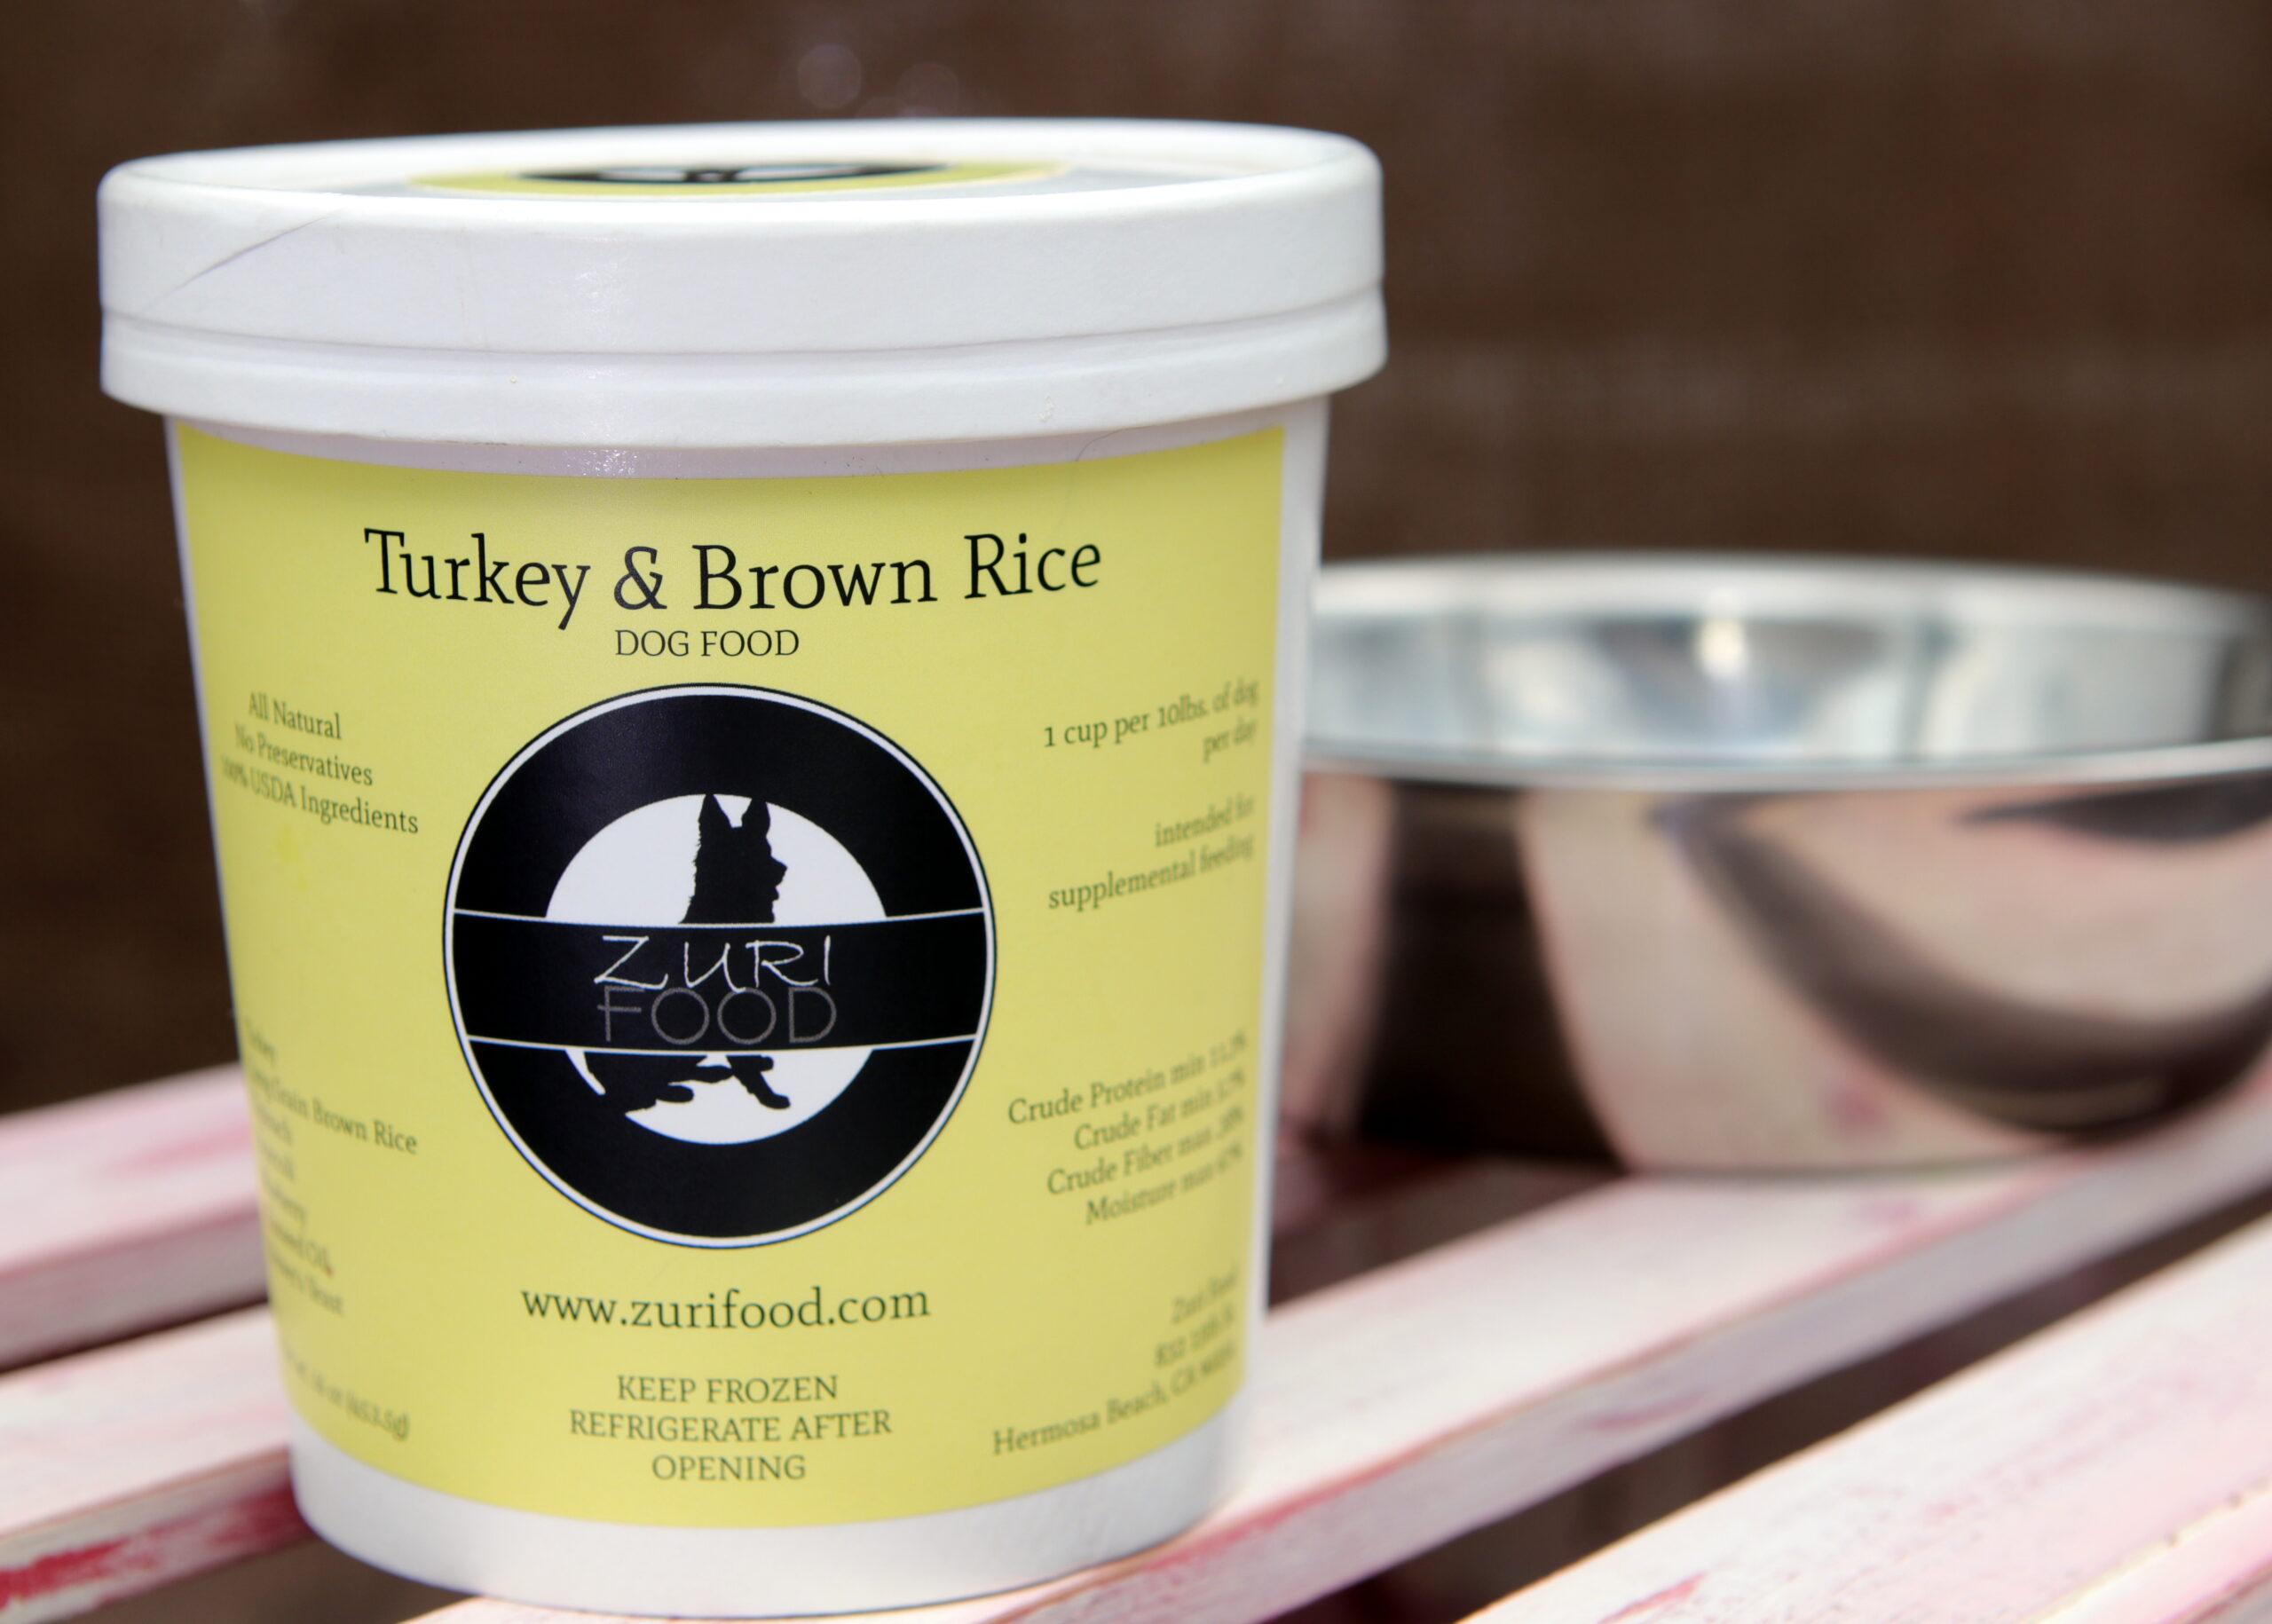 Turkey & Brown Rice